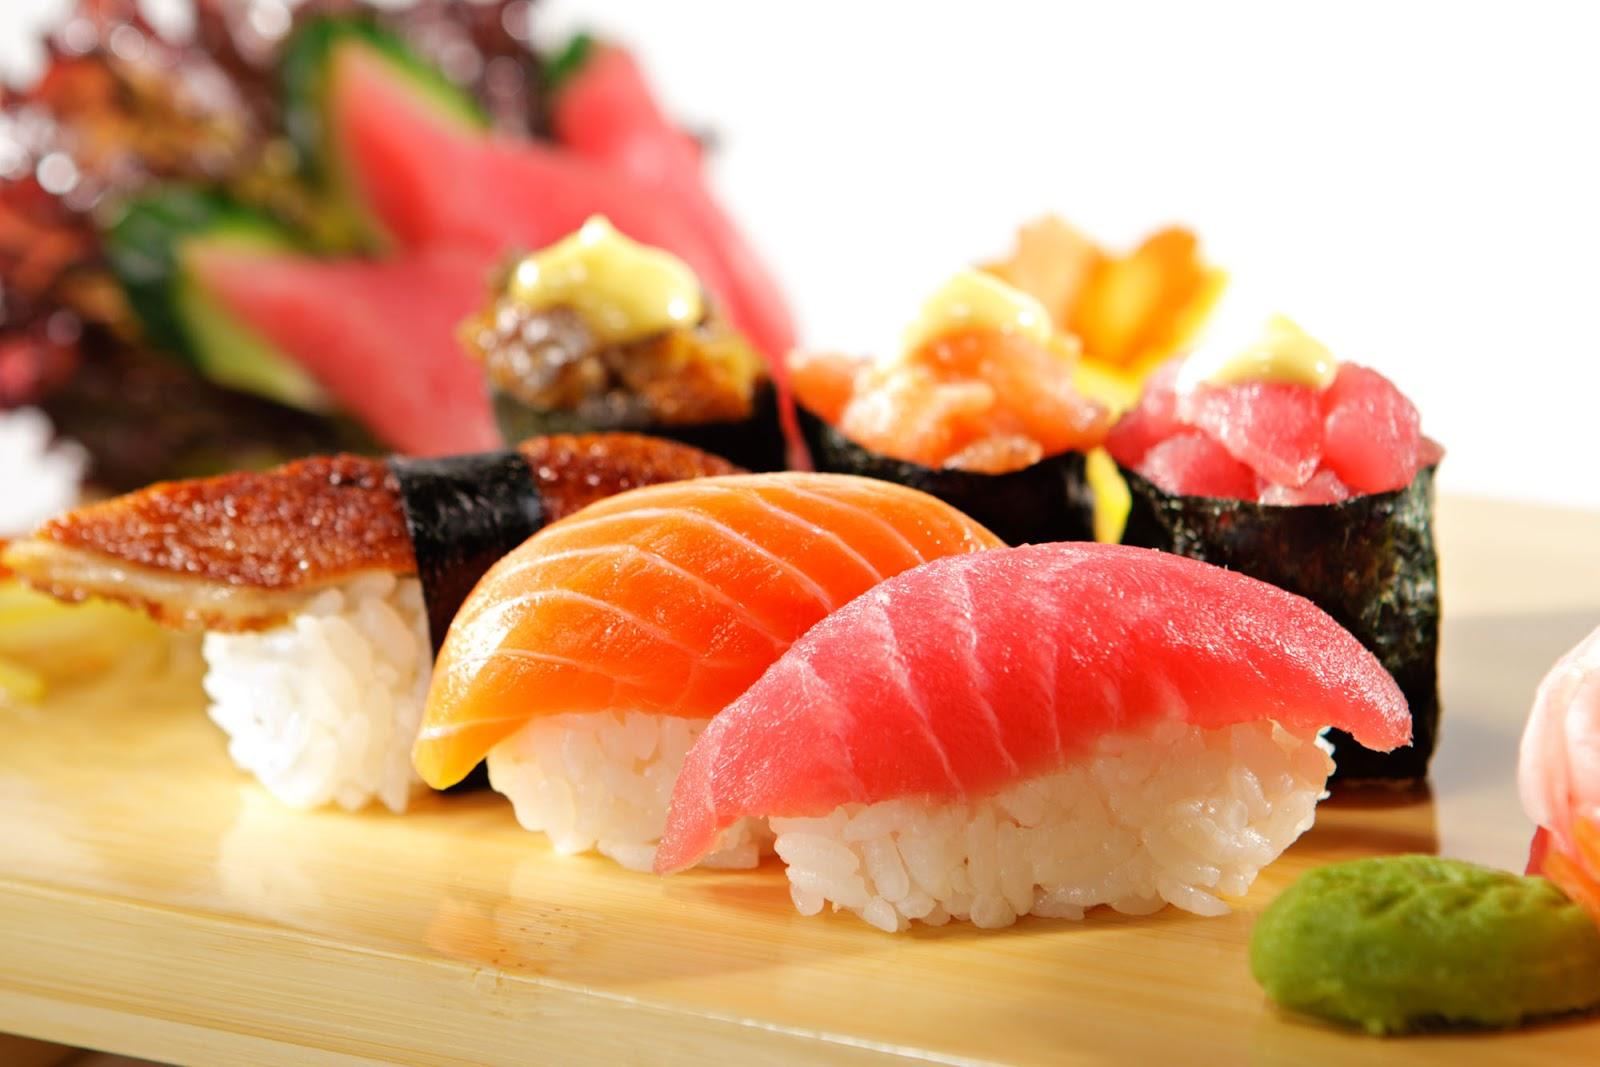 sushi-bar-mon-an-truyen-thong-tet-tai-nhat-ban